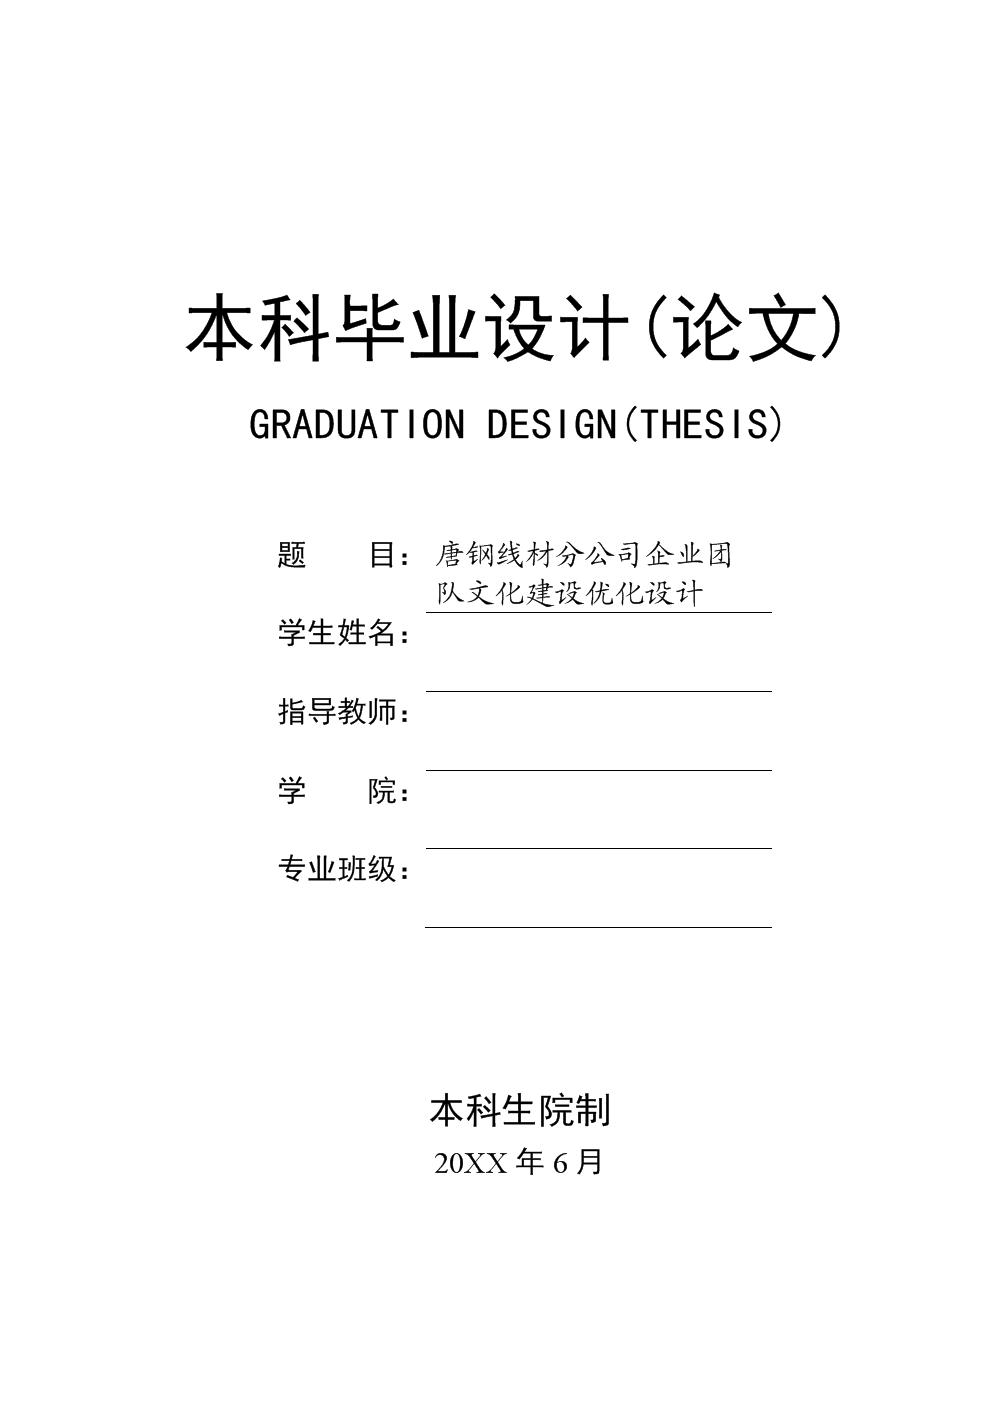 唐钢线材分公司企业团队文化建设浅析(1)(1).docx